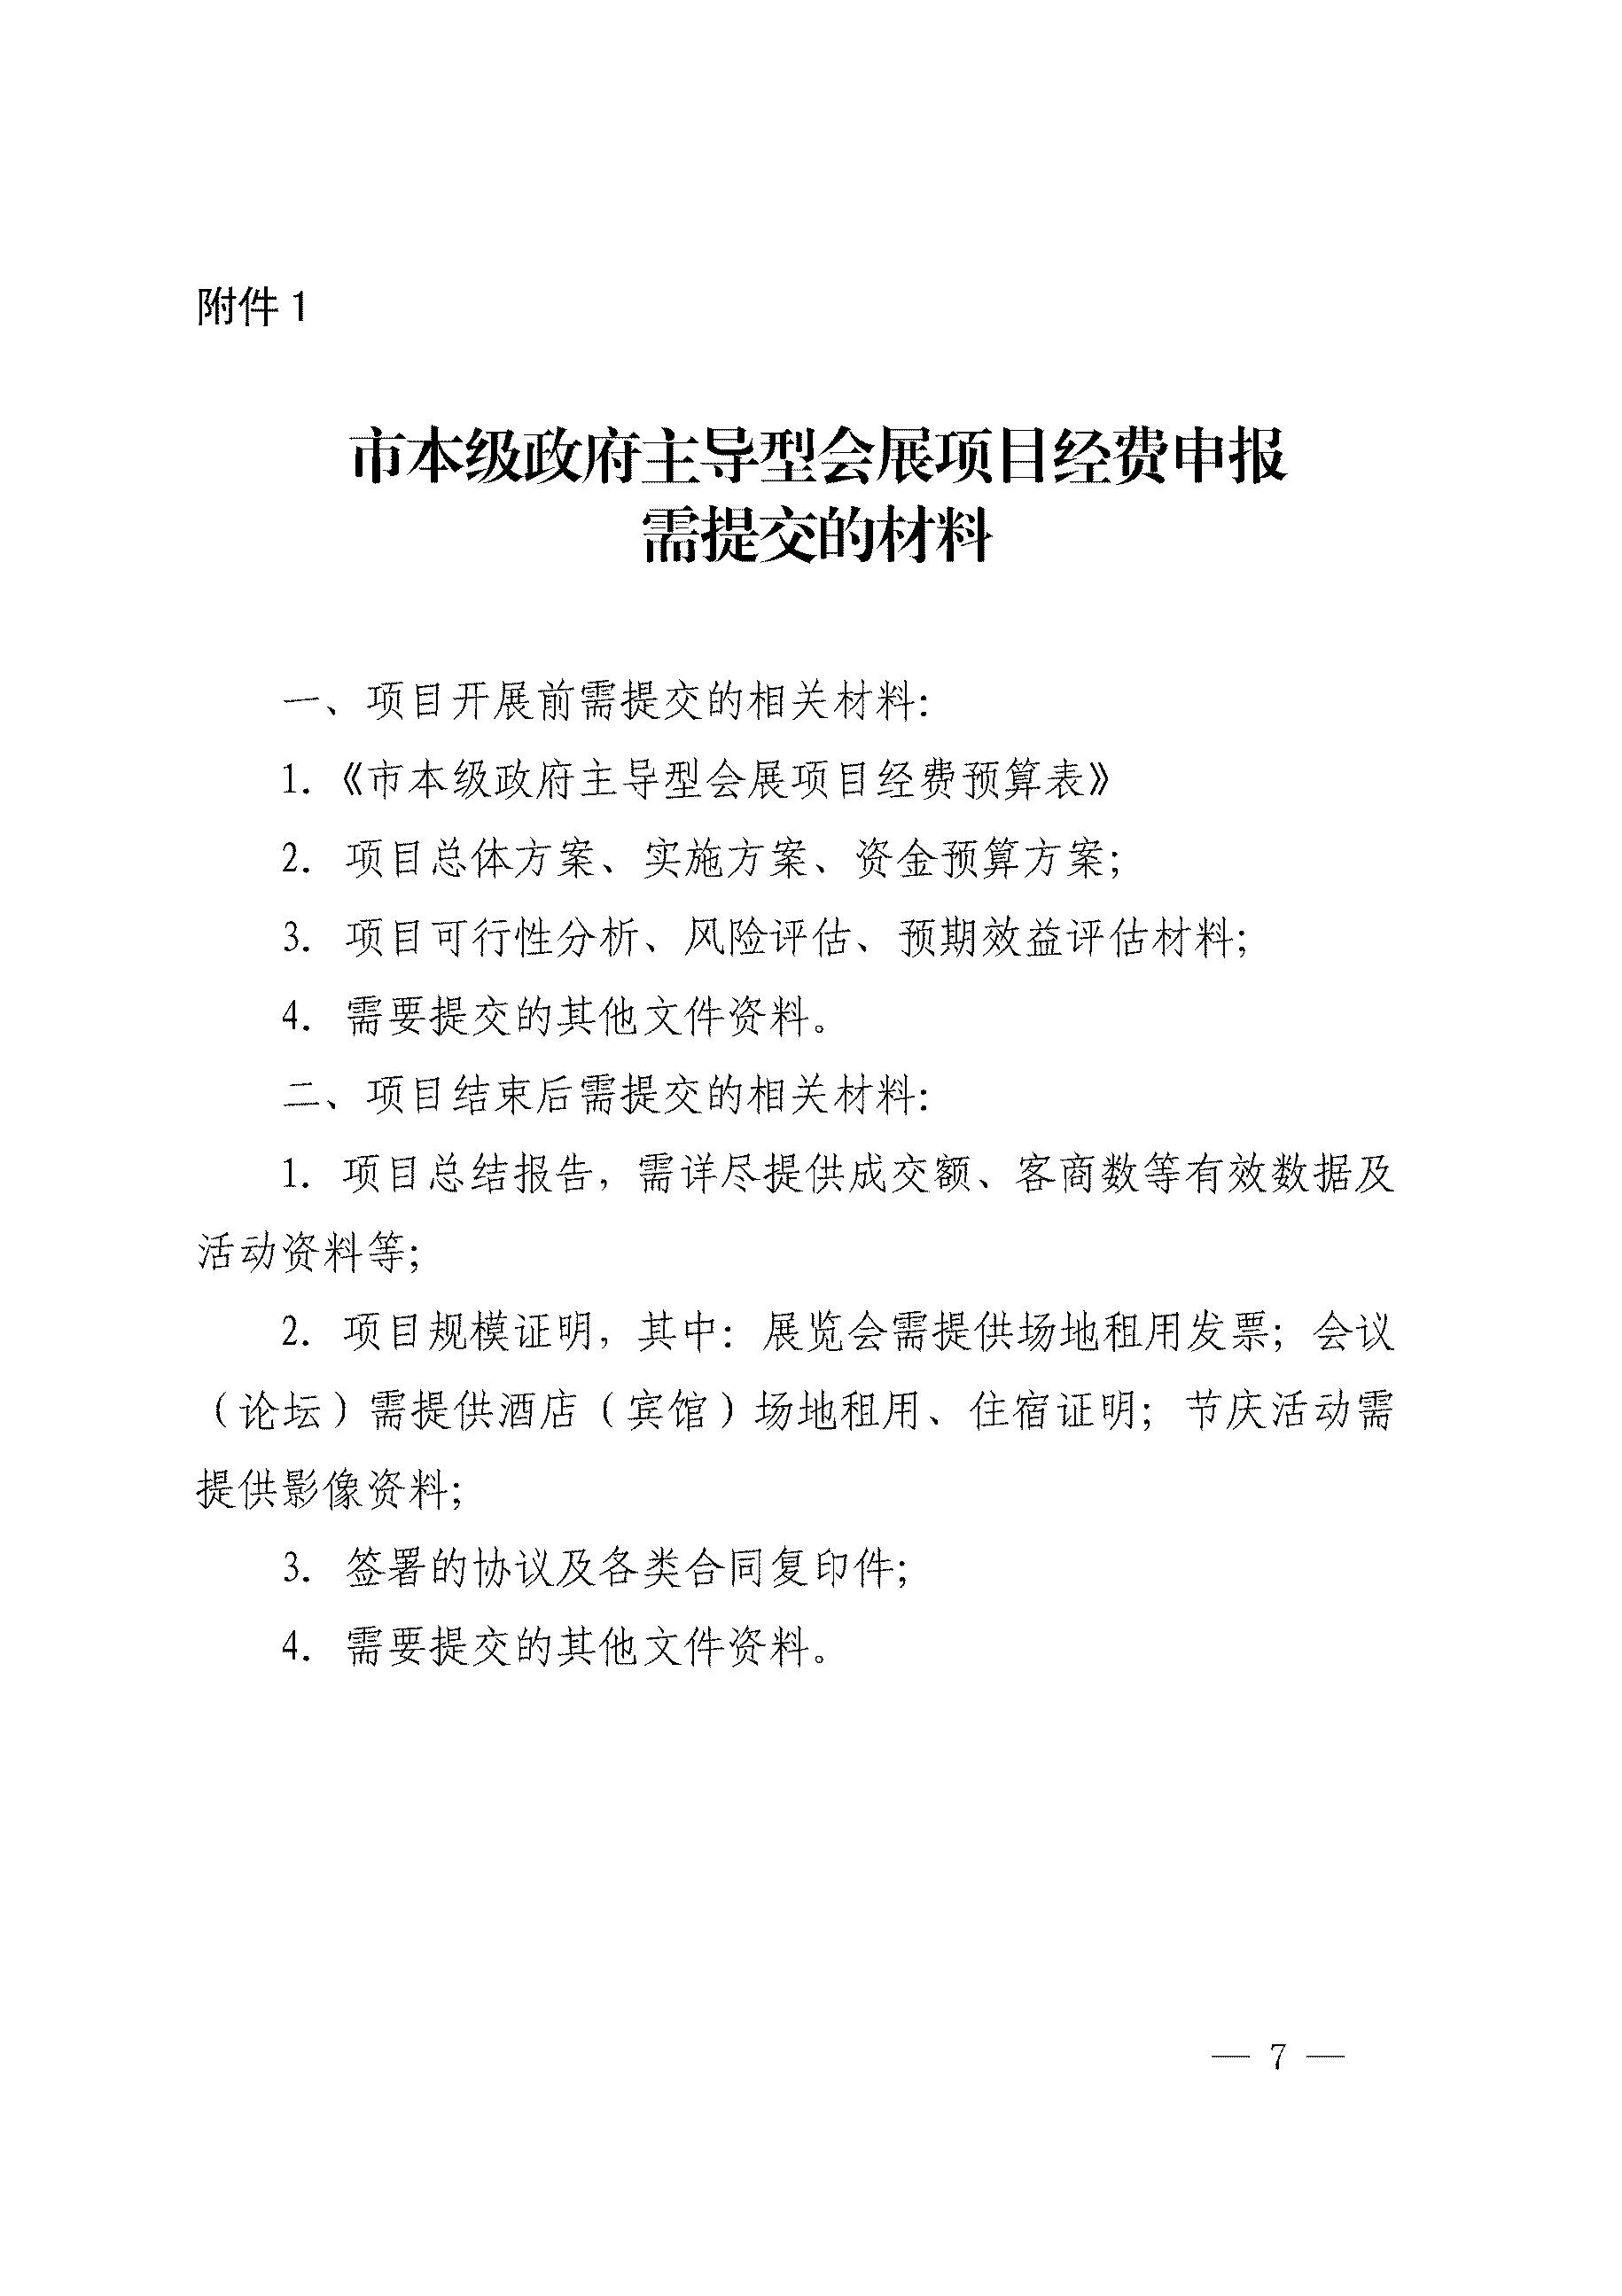 【新】宁波市人民政府办公厅关于印发宁波市本级政府主导型会展项目和经费使用管理办法的通知_p7.jpg